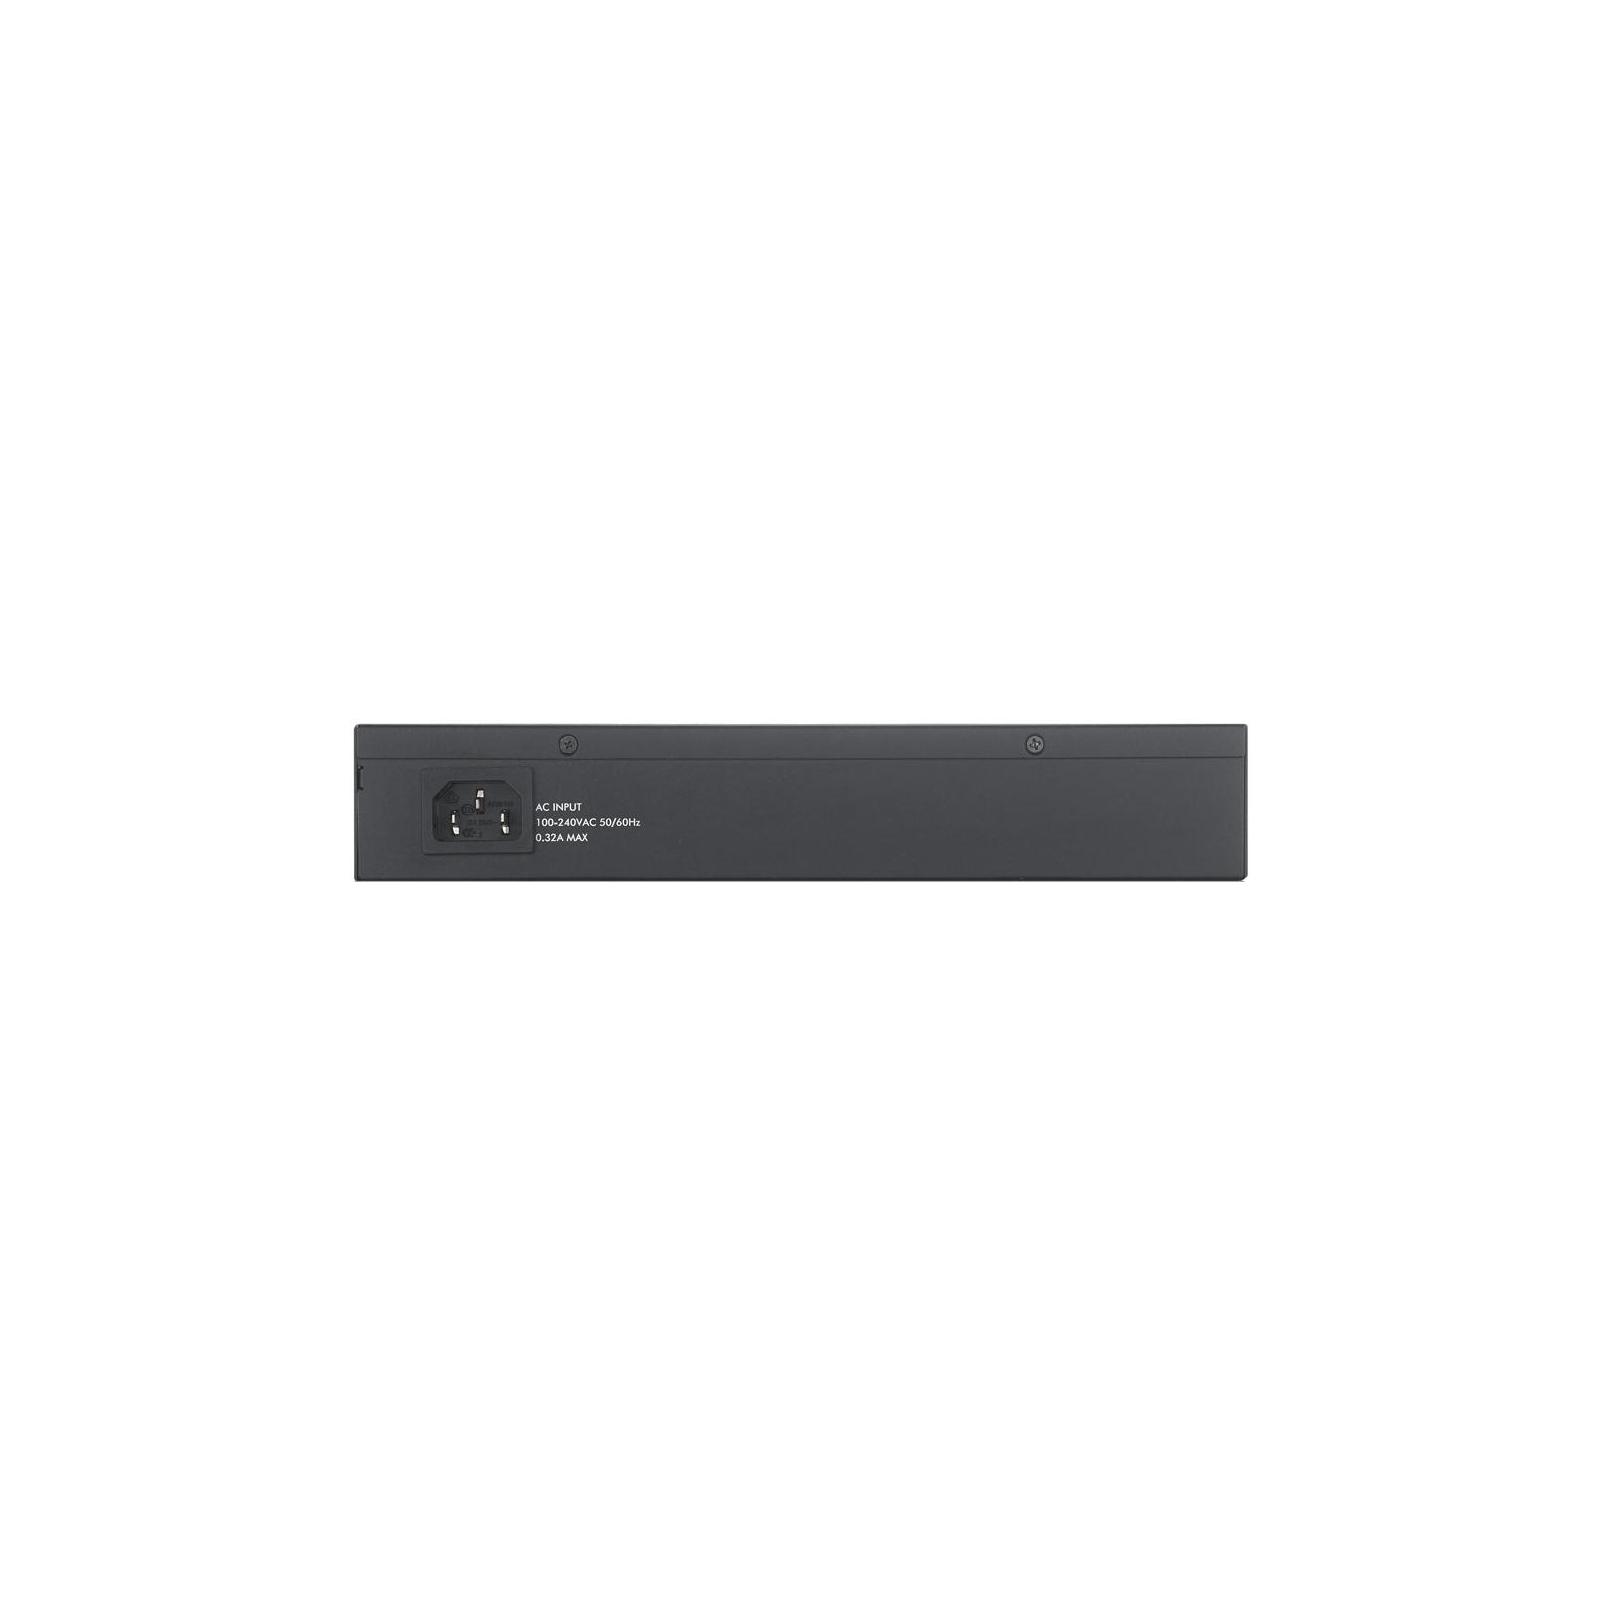 Коммутатор сетевой ZyXel NSW100-10-EU0101F изображение 4